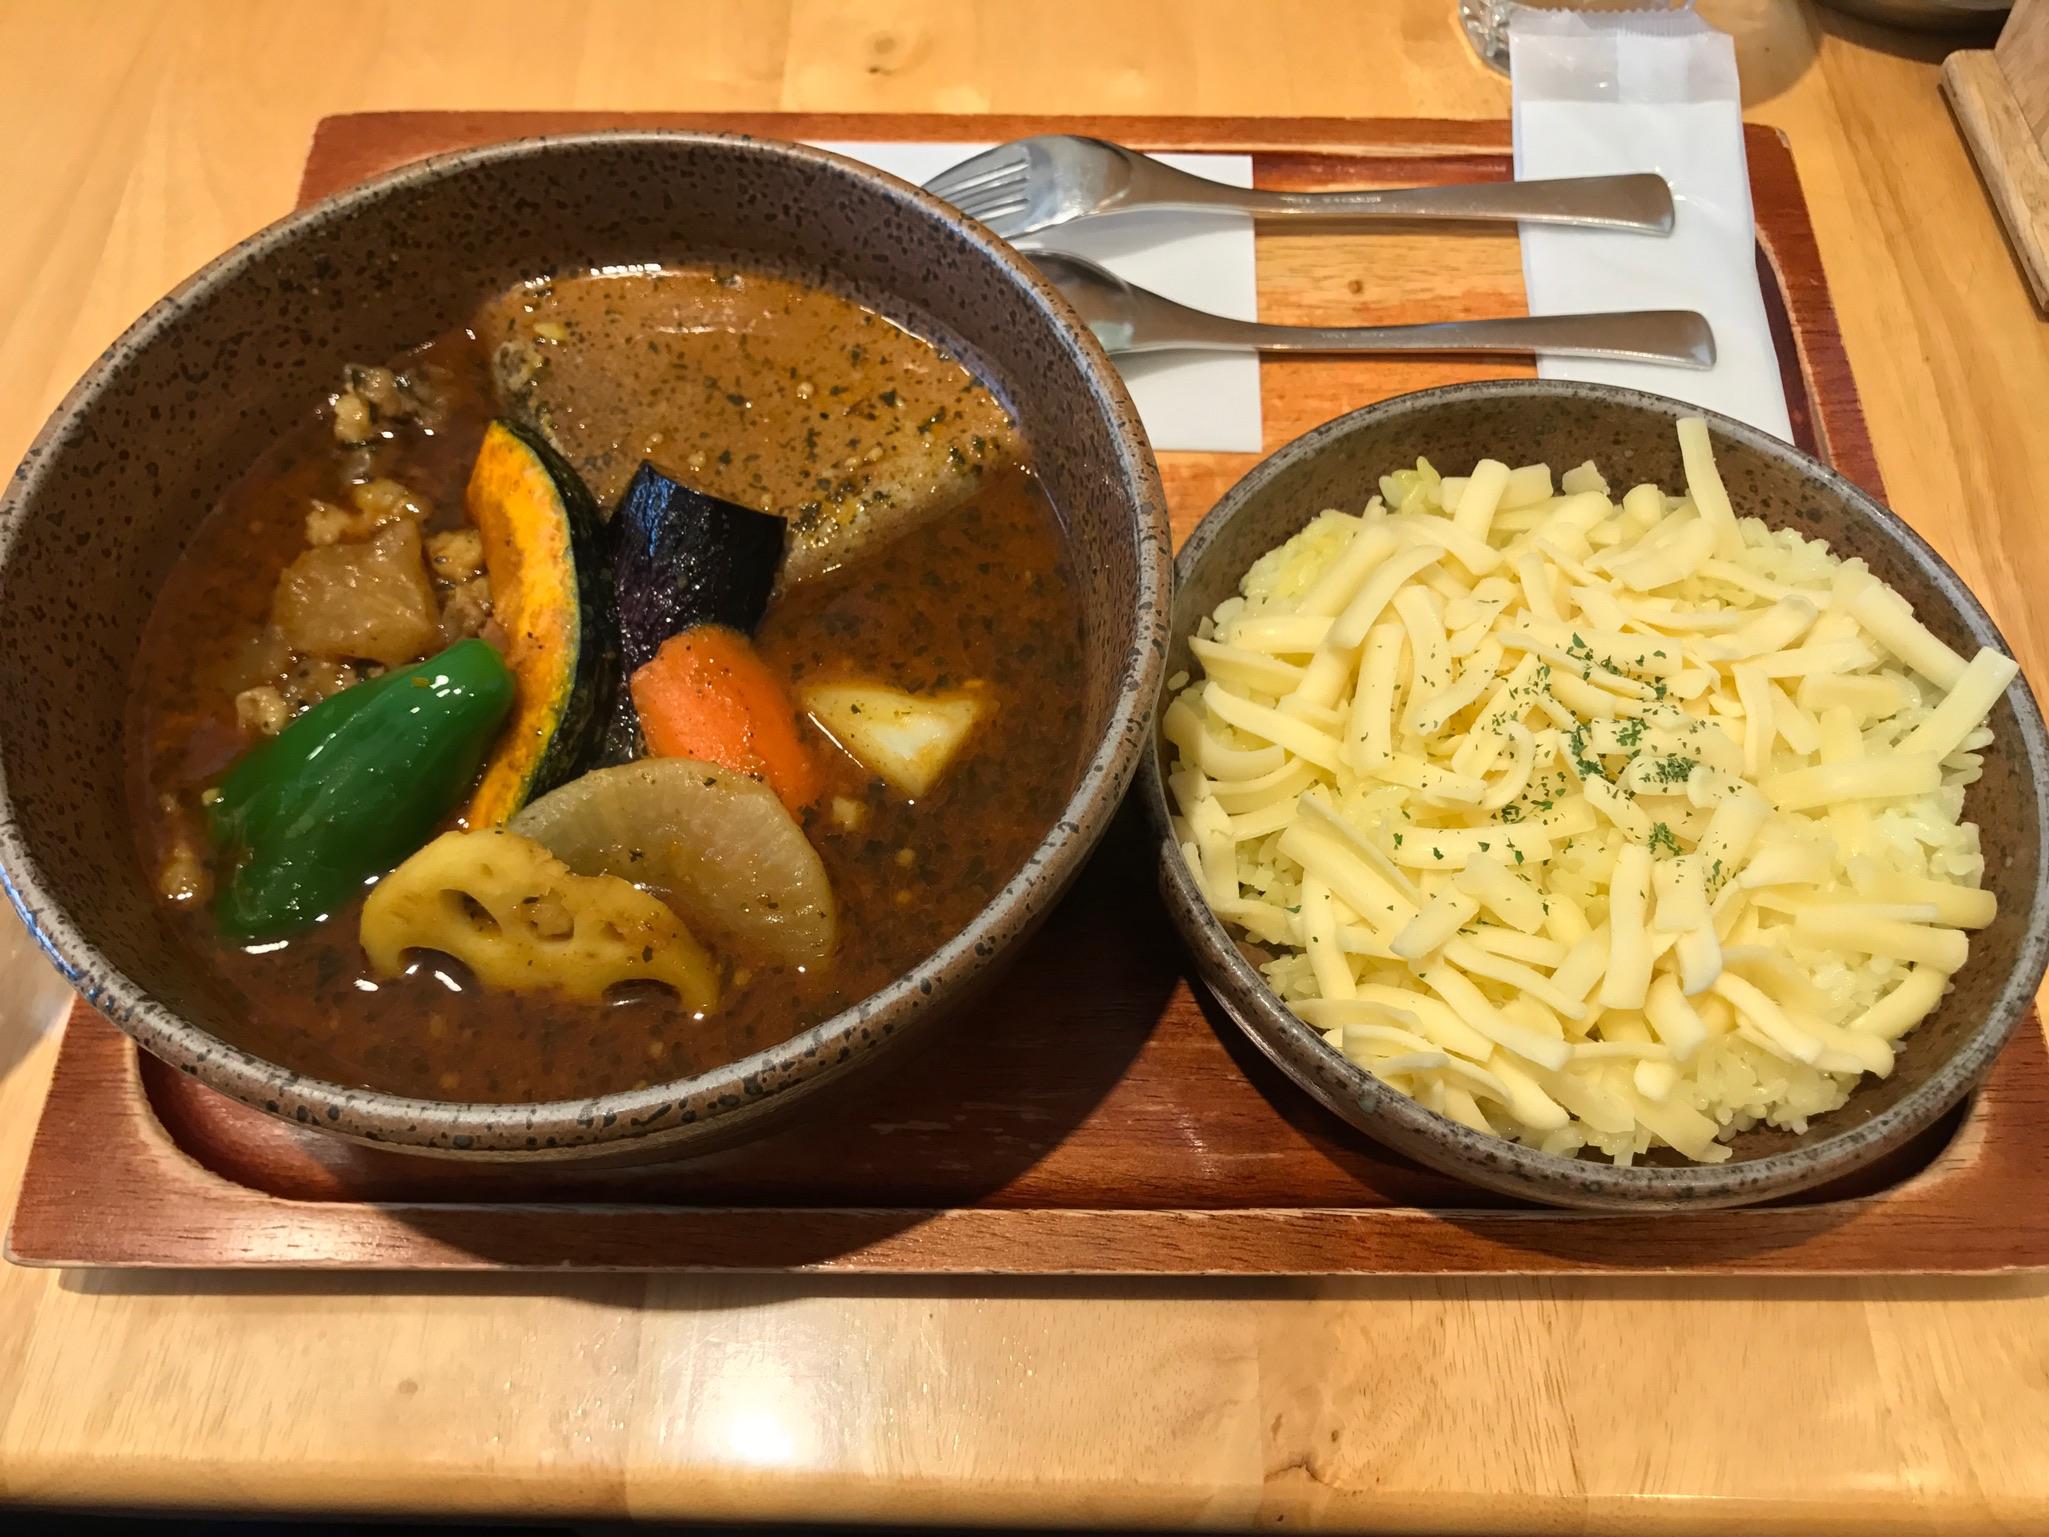 【1/23】人気スープカレーのお店ピカンティが琴似に新店をオープン!